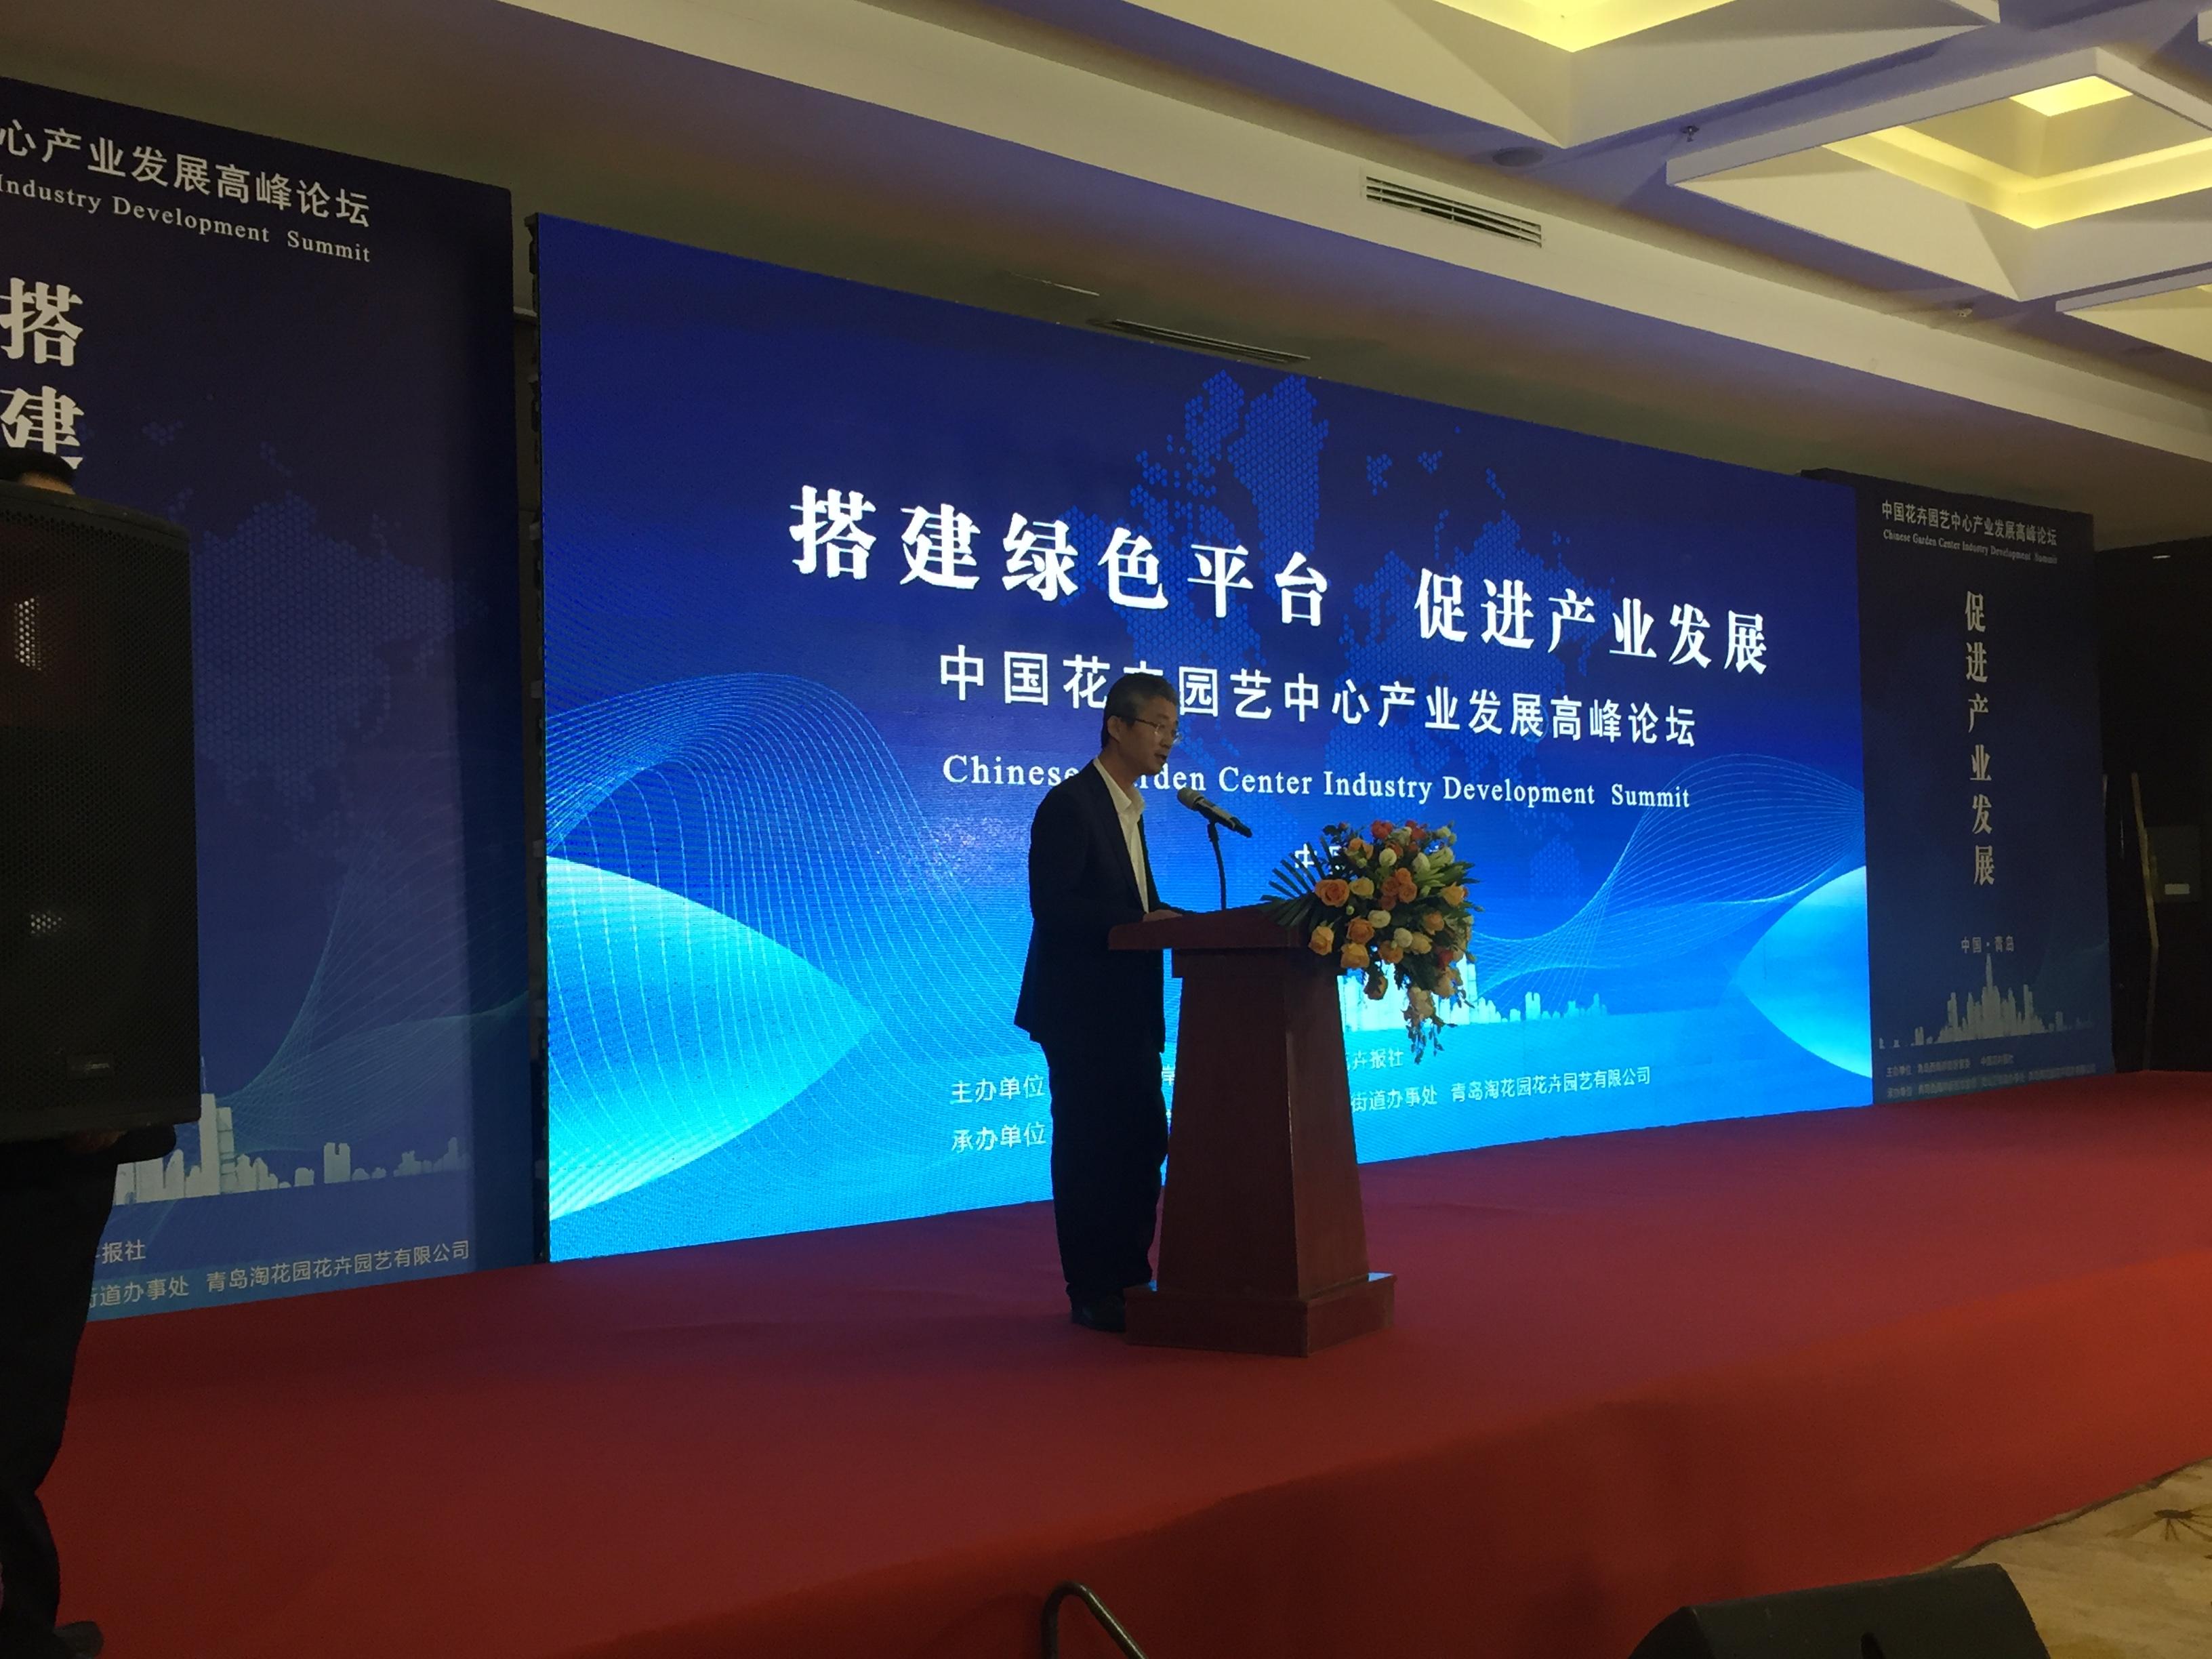 2018首届中国花卉园艺中心产业发展高峰论坛在青岛西海岸新区举行